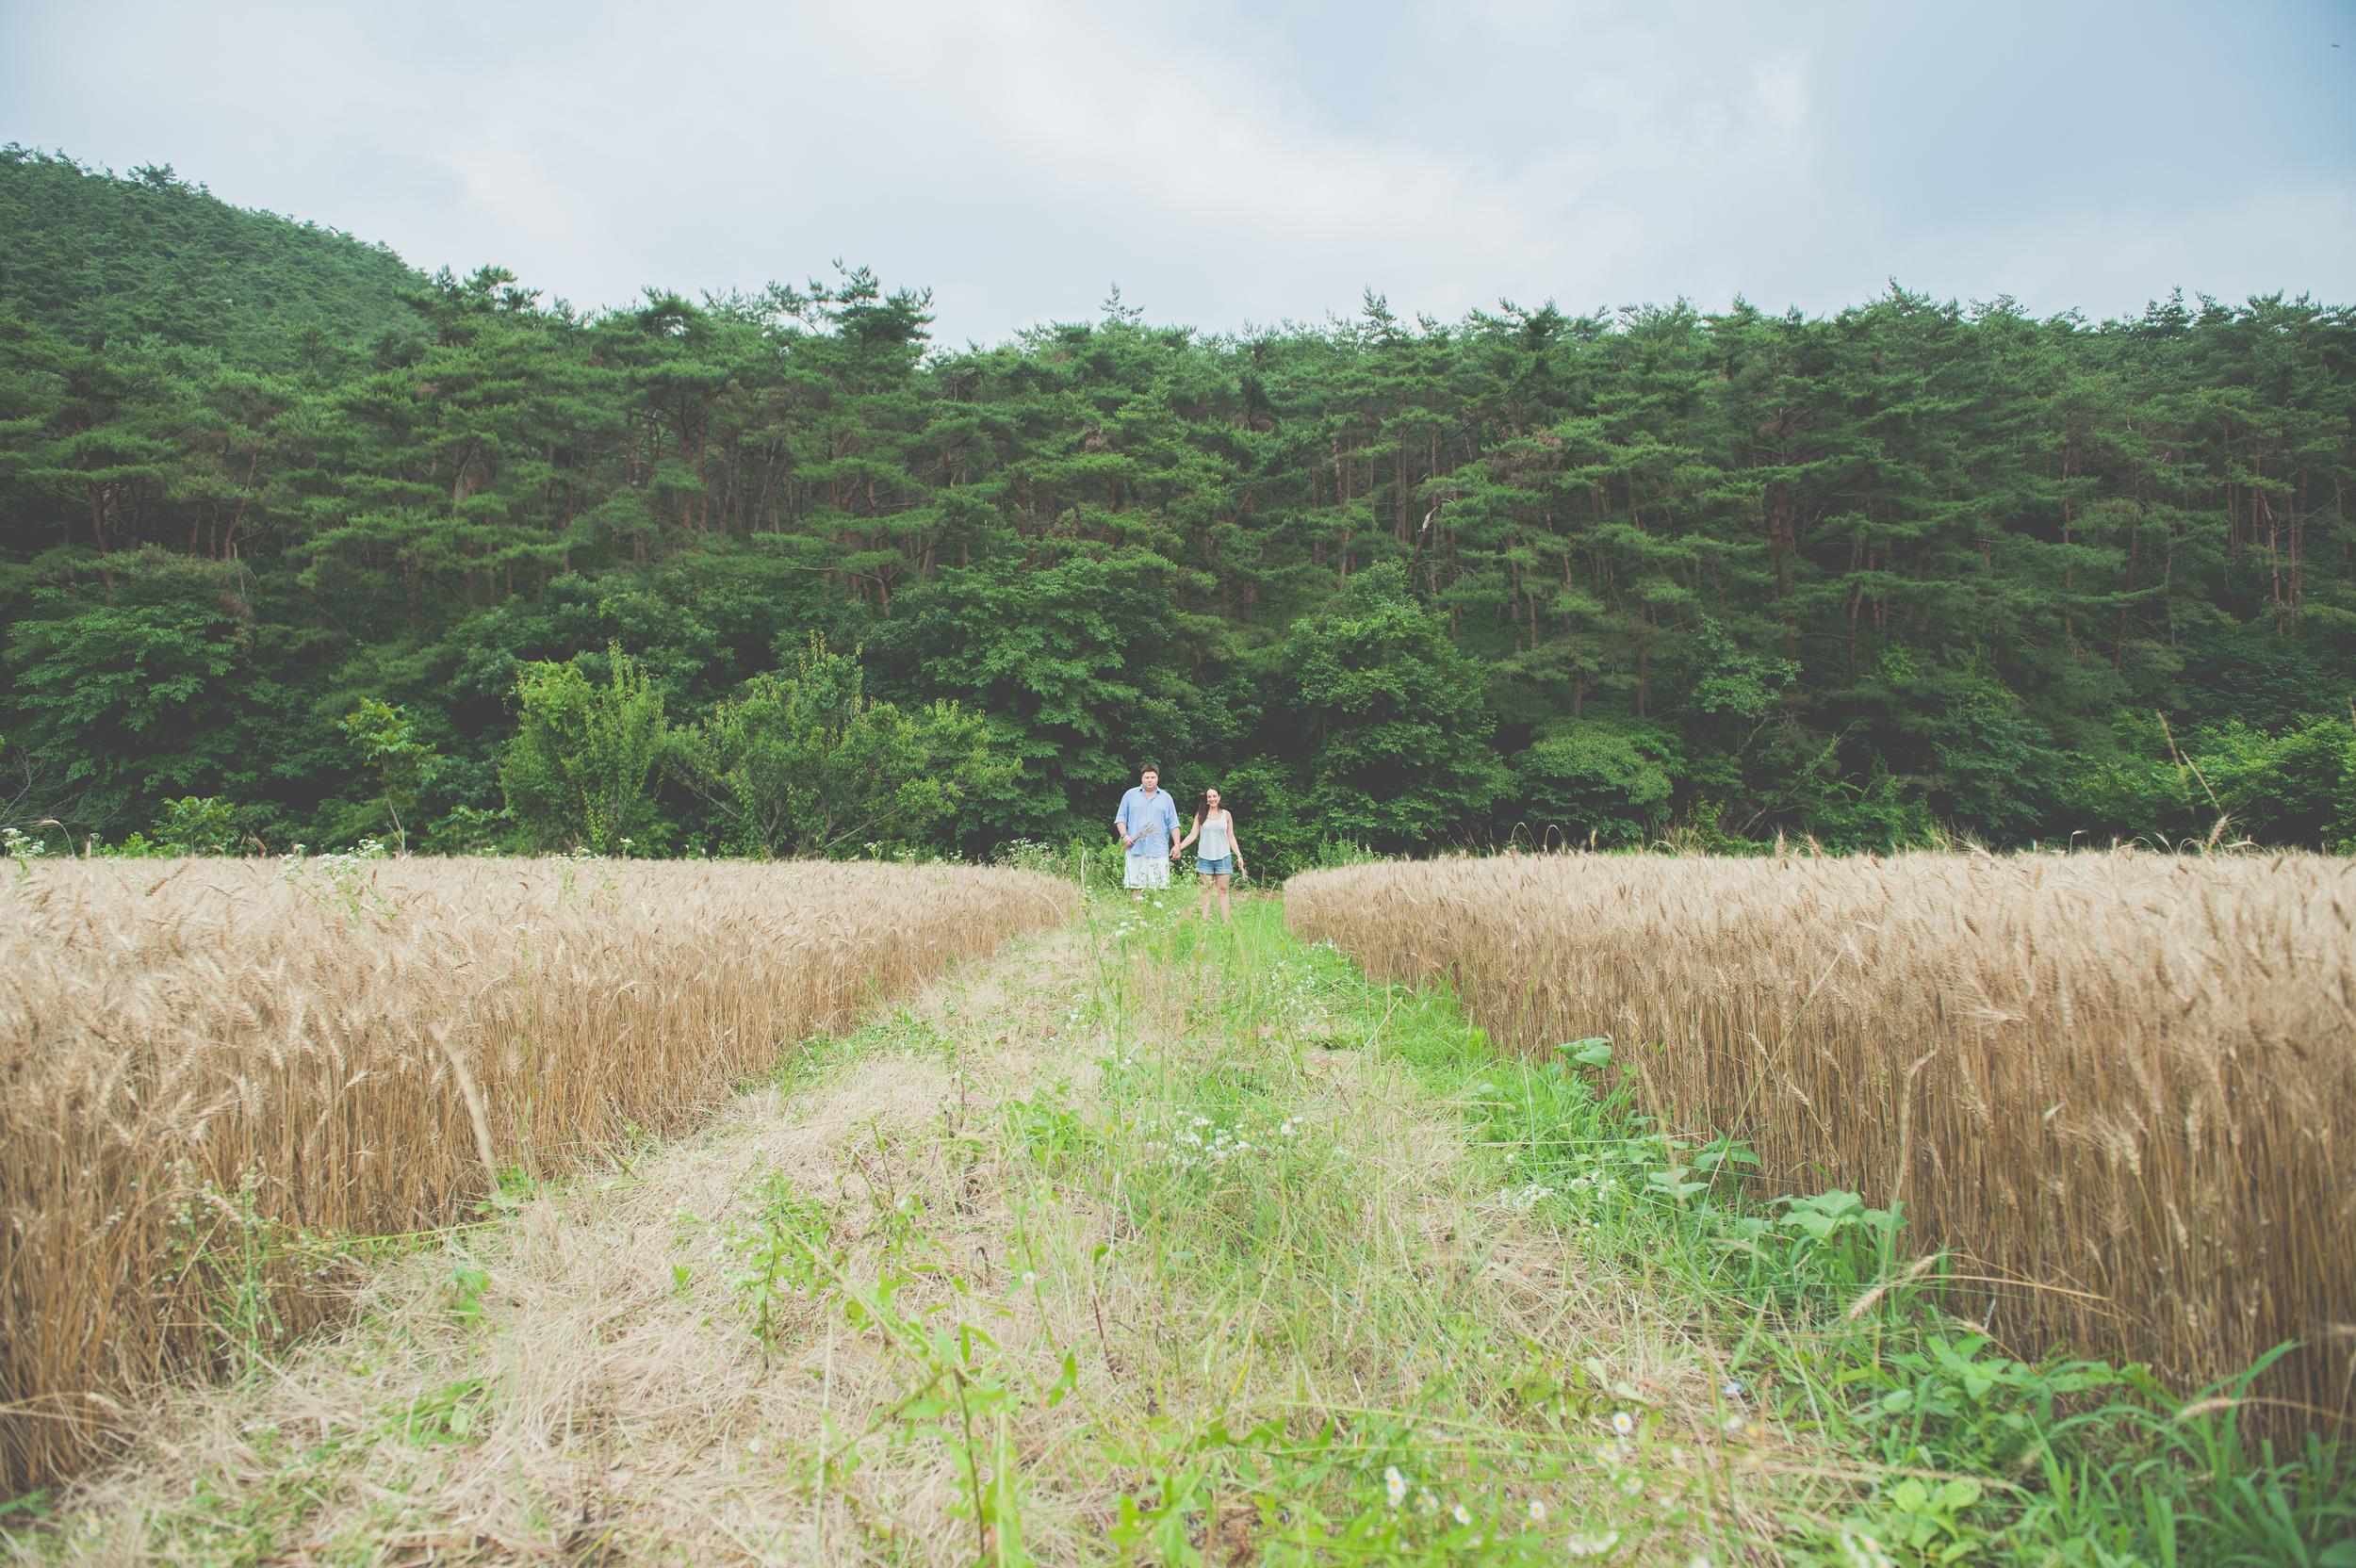 SouthKoreaEngagementPhotographerHencoMarilize (13 of 93).jpg